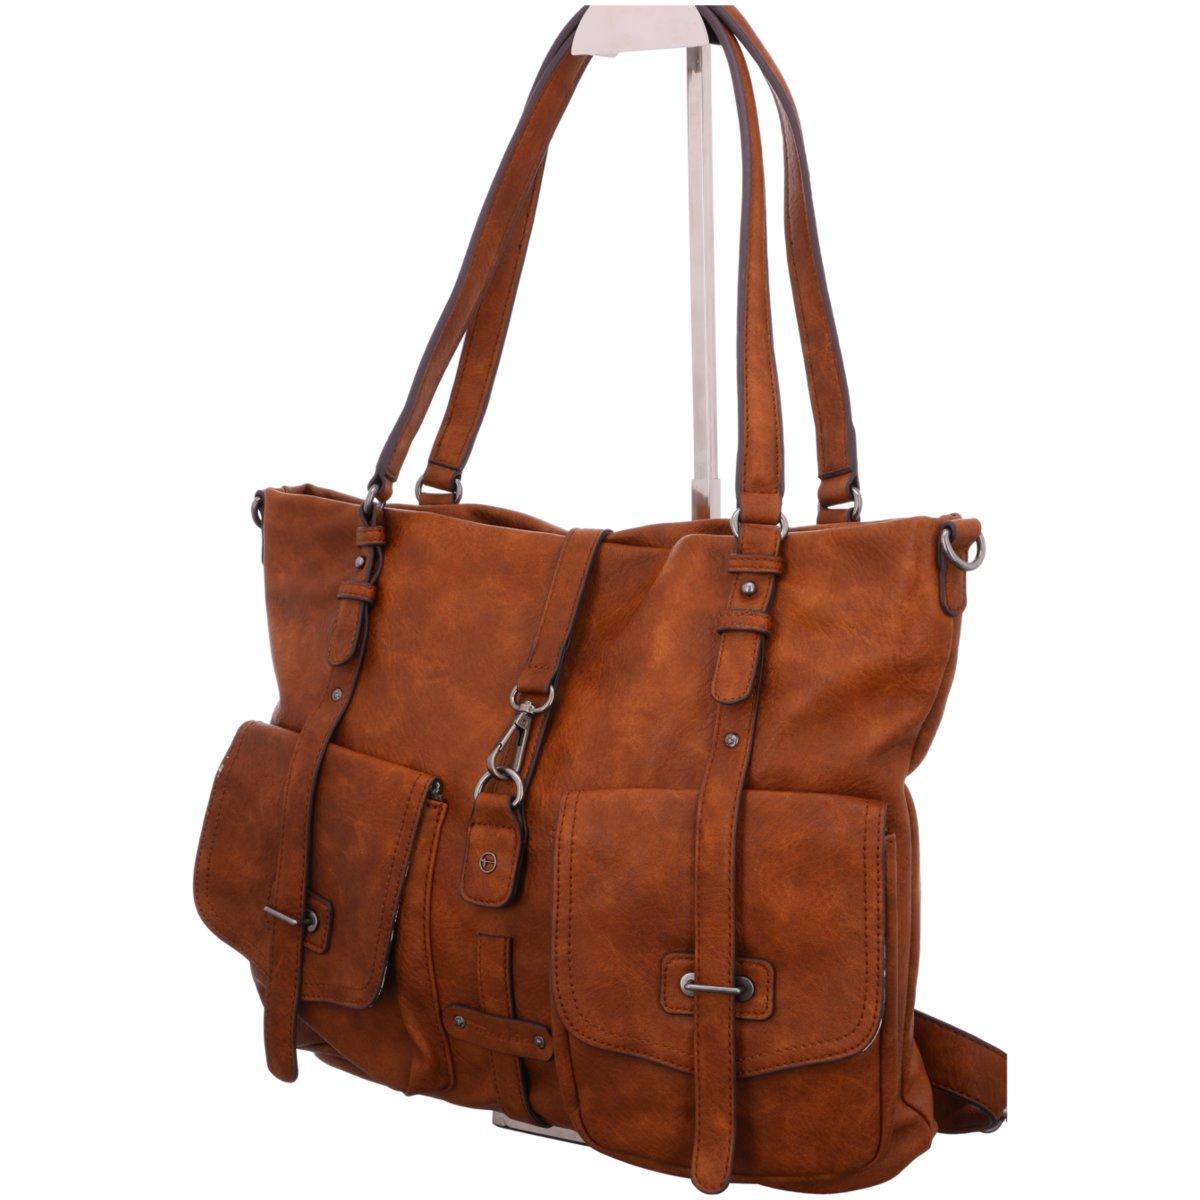 Details zu Tamaris Mode Accessoires BERNADETTE Shopping Bag 2610999 305 braun 541227